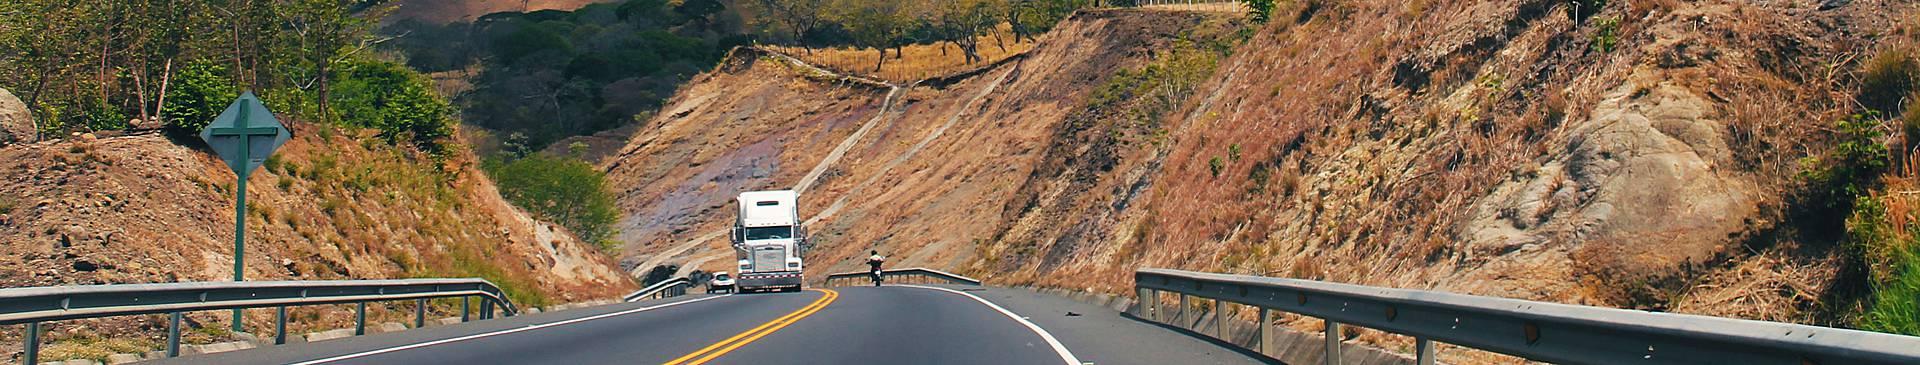 Rutas en coche por Costa Rica